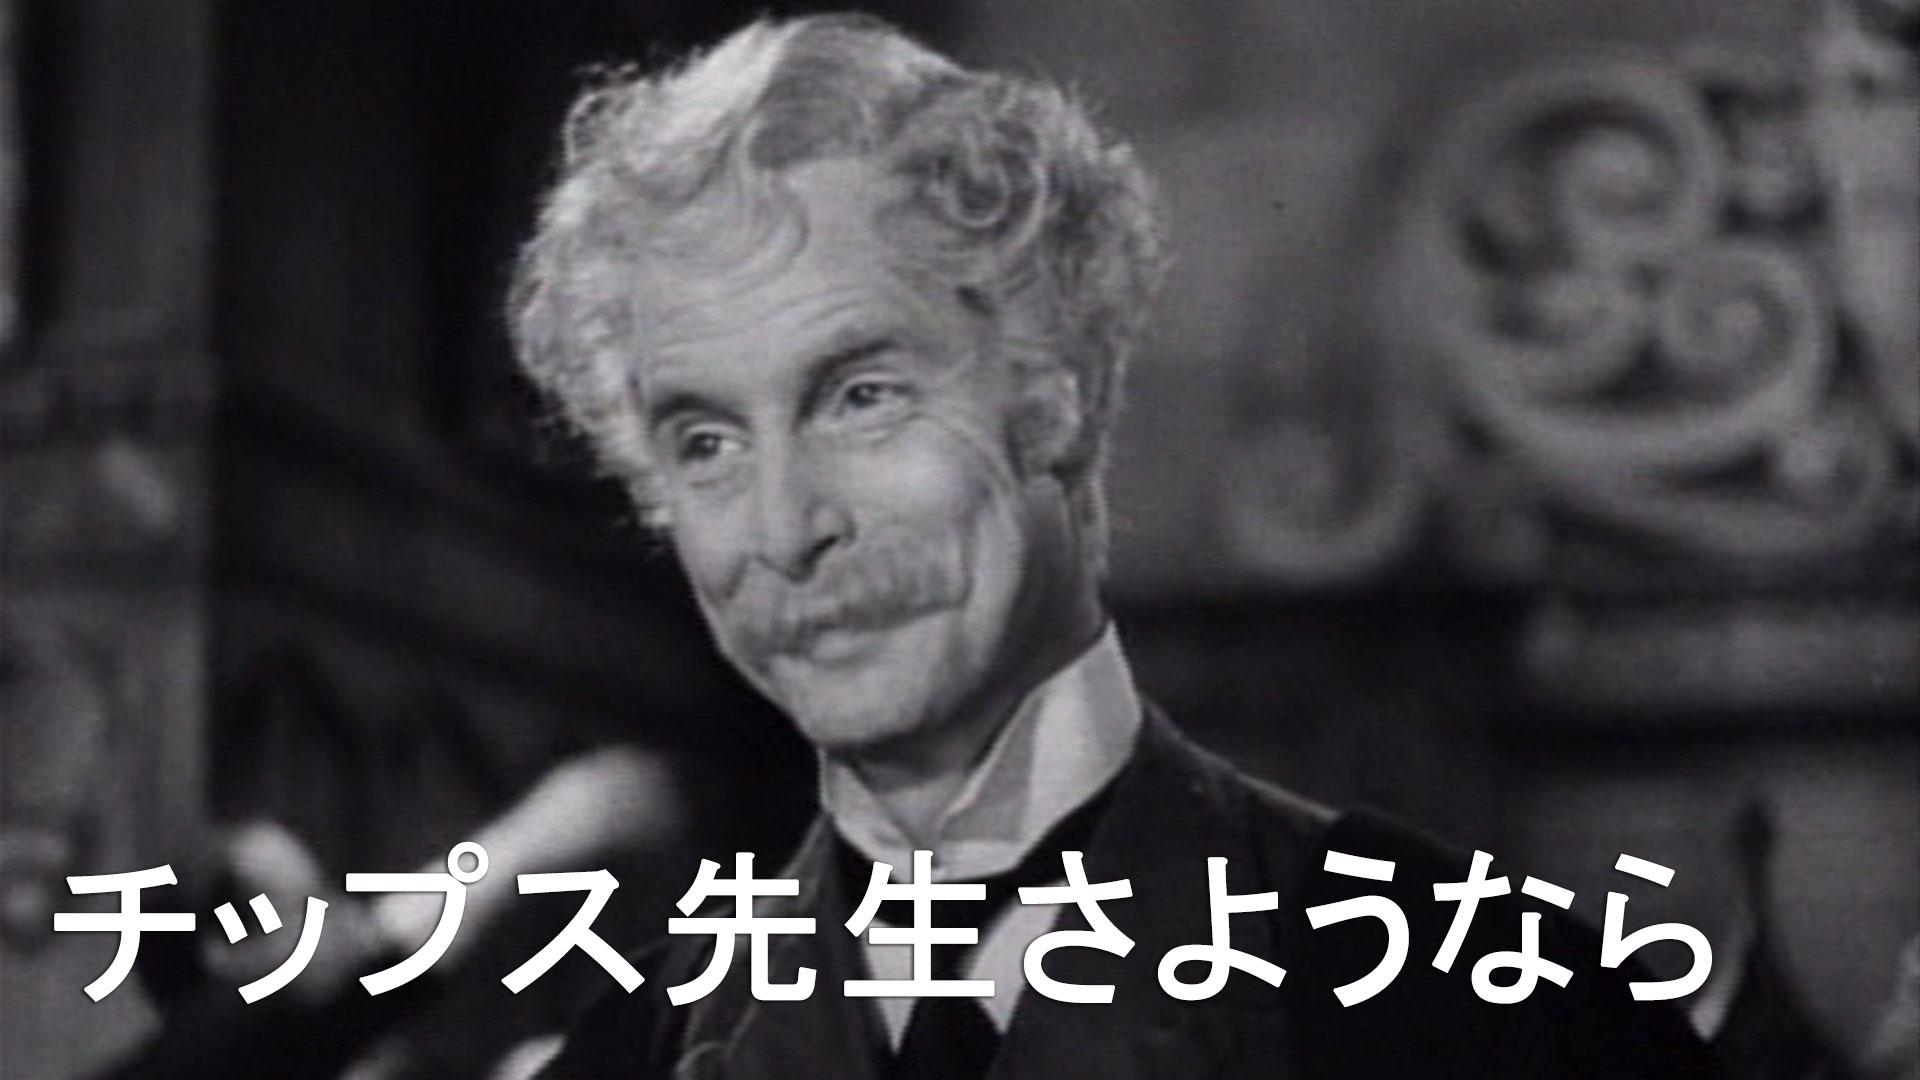 チップス先生さようなら(字幕版)